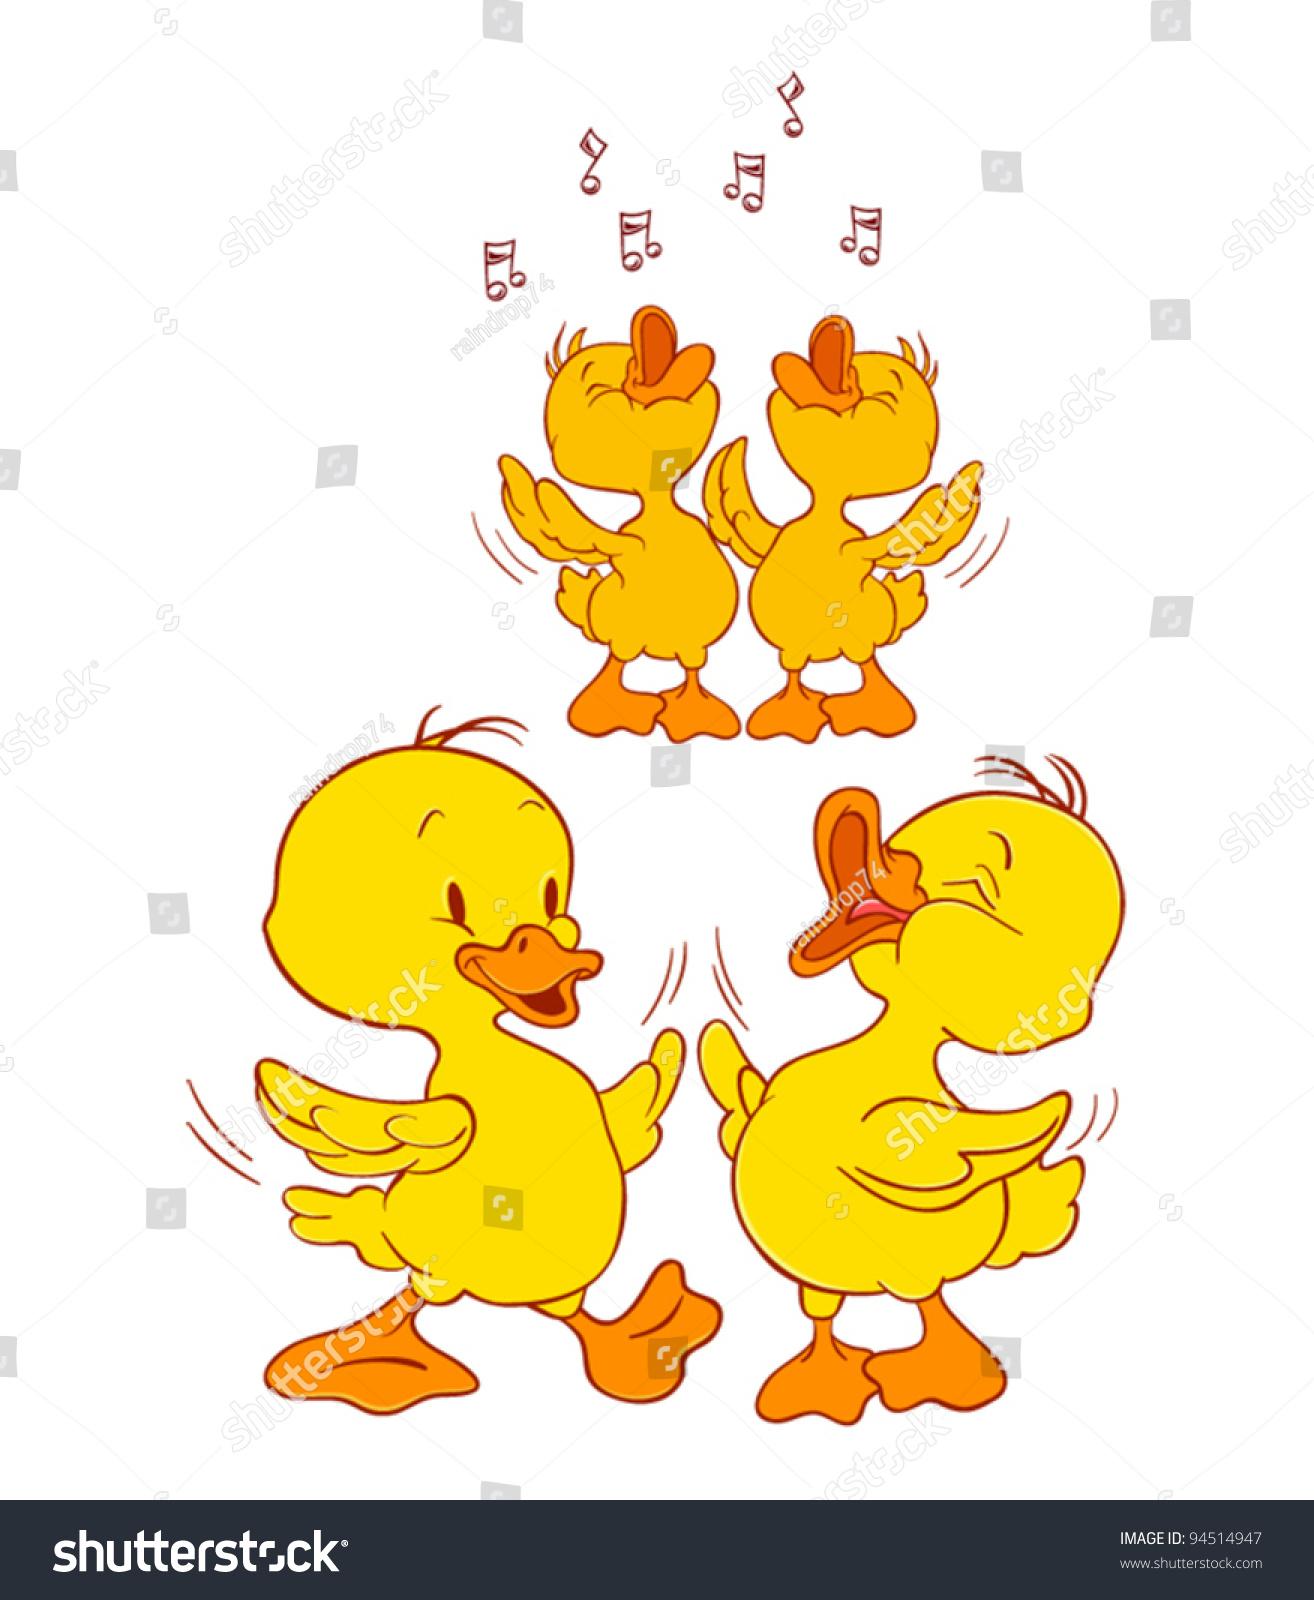 小鸭-背景/素材,符号/标志-海洛创意(hellorf)-中国-.